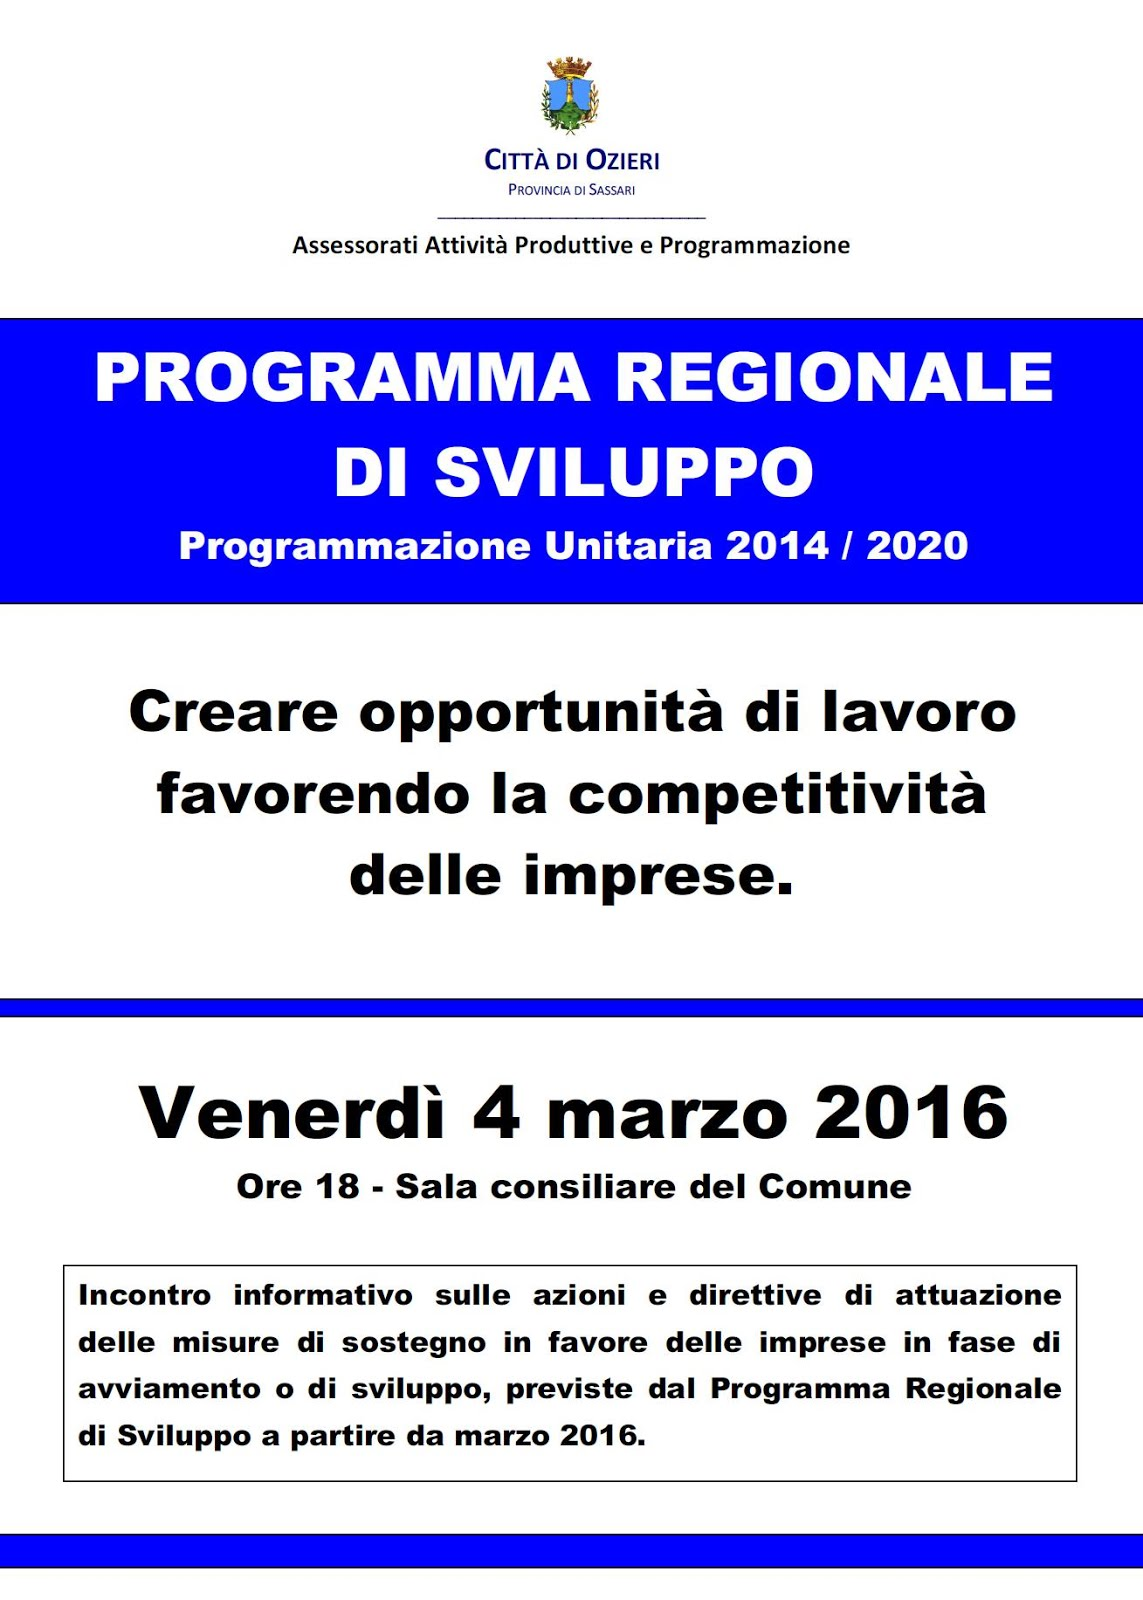 Locandina incontro informativo del 4 marzo 2016